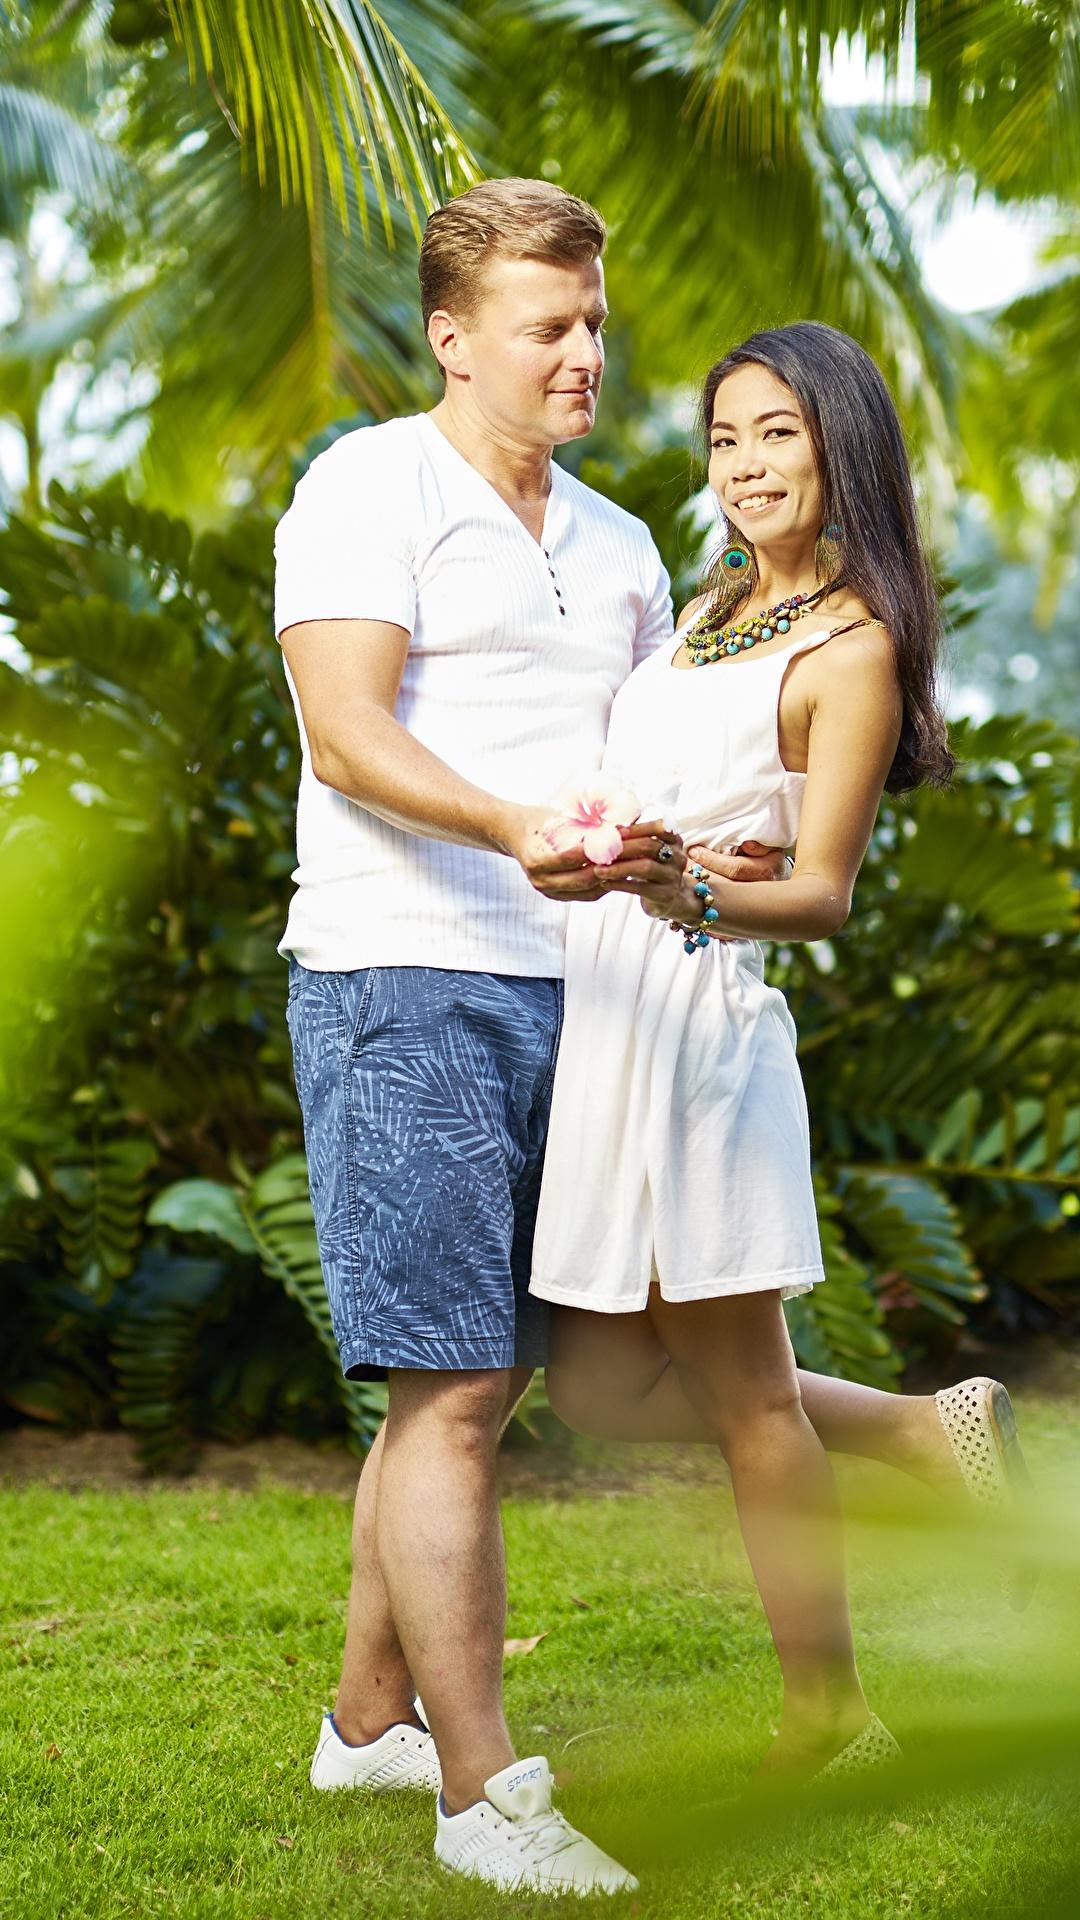 Фотографии мужчина Влюбленные пары улыбается 2 Объятие молодые женщины азиатка Шорты 1080x1920 для мобильного телефона Мужчины любовники Улыбка два две Двое вдвоем девушка Девушки обнимает обнимаются молодая женщина Азиаты азиатки шорт шортах